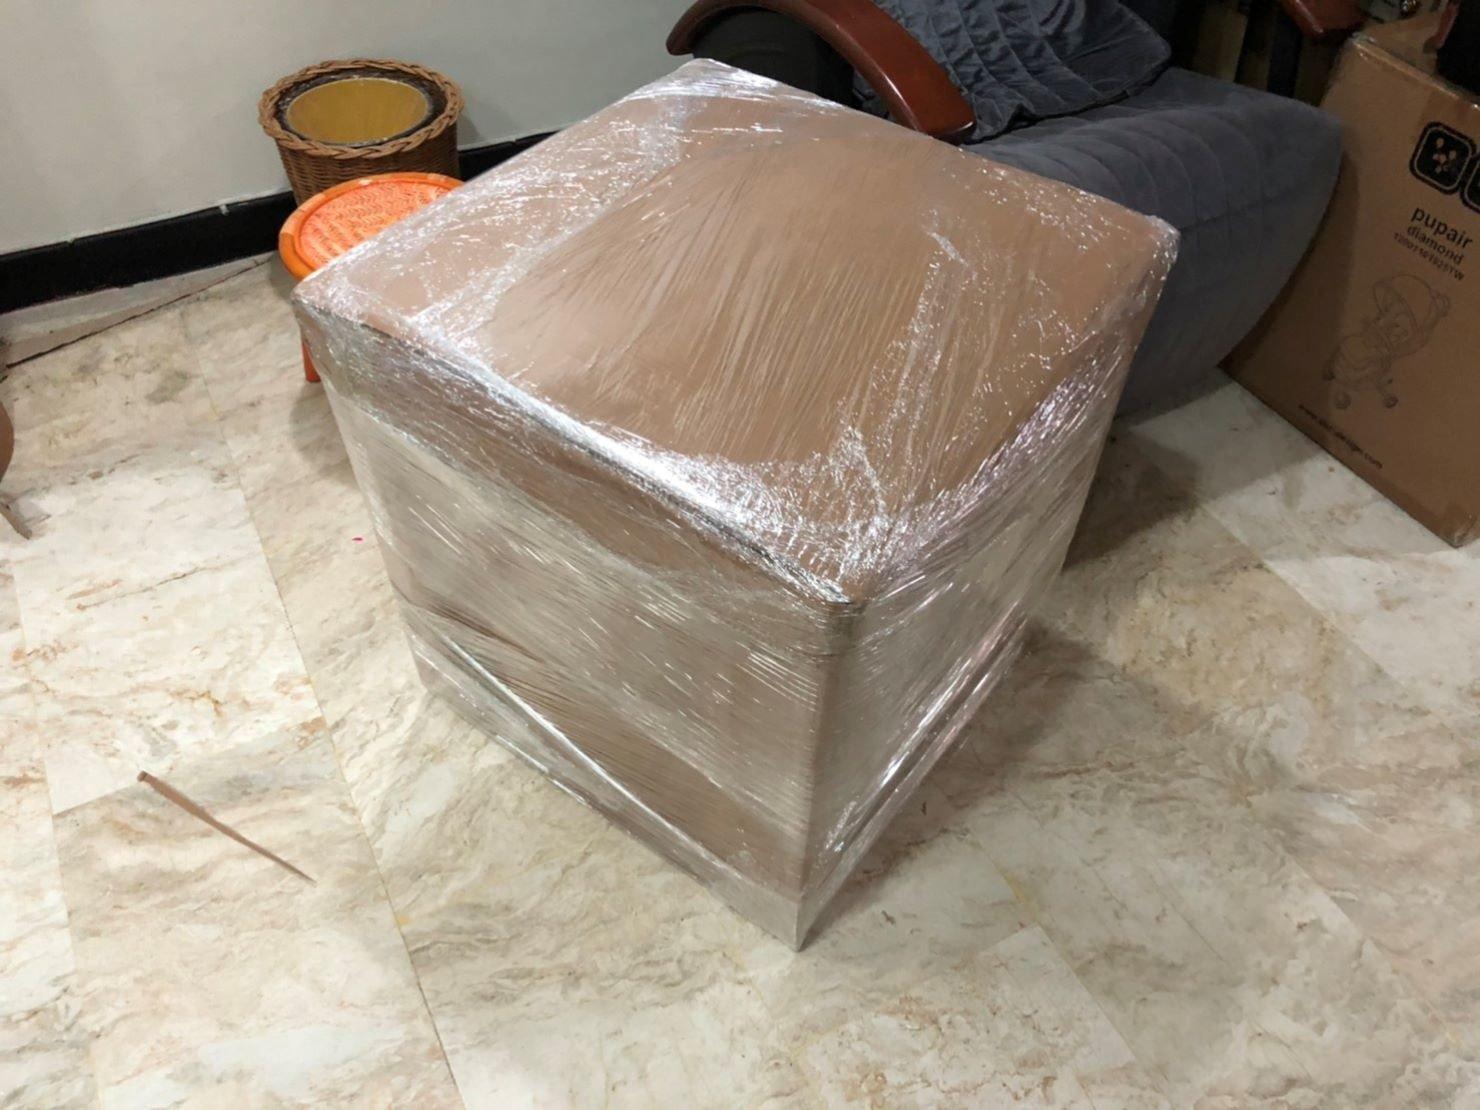 【榮福搬家公司】口碑第一、台北搬家推薦:各式各樣家具物件的精緻包裝服務,都可洽詢榮福搬家會有專人為您做最專業的評估與討論。